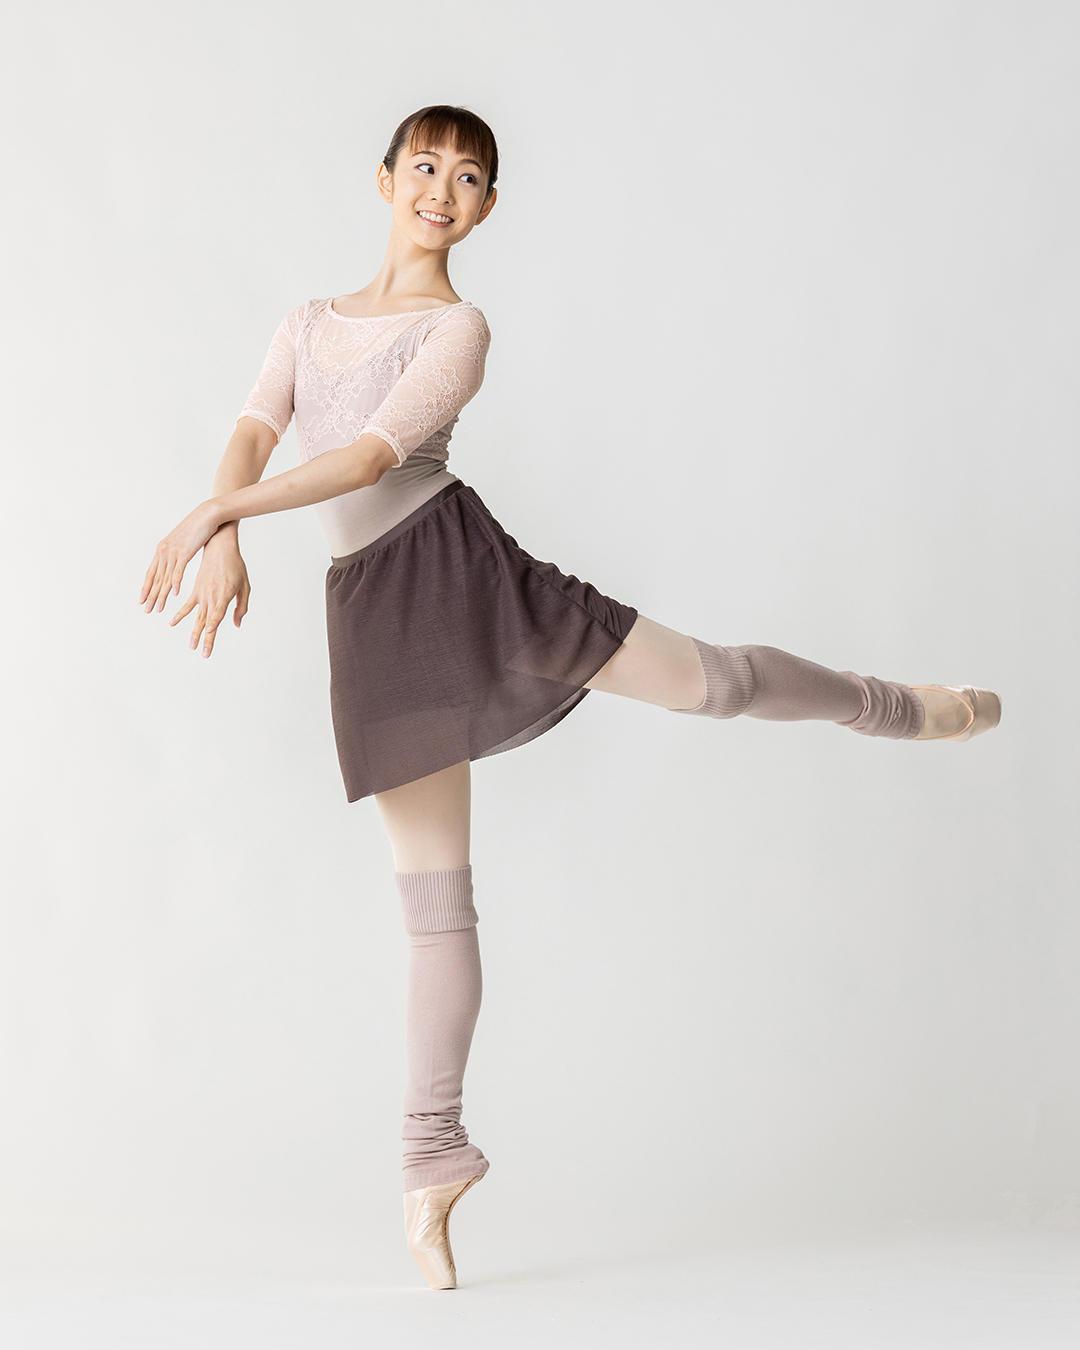 1002_ballet_new_5.jpg